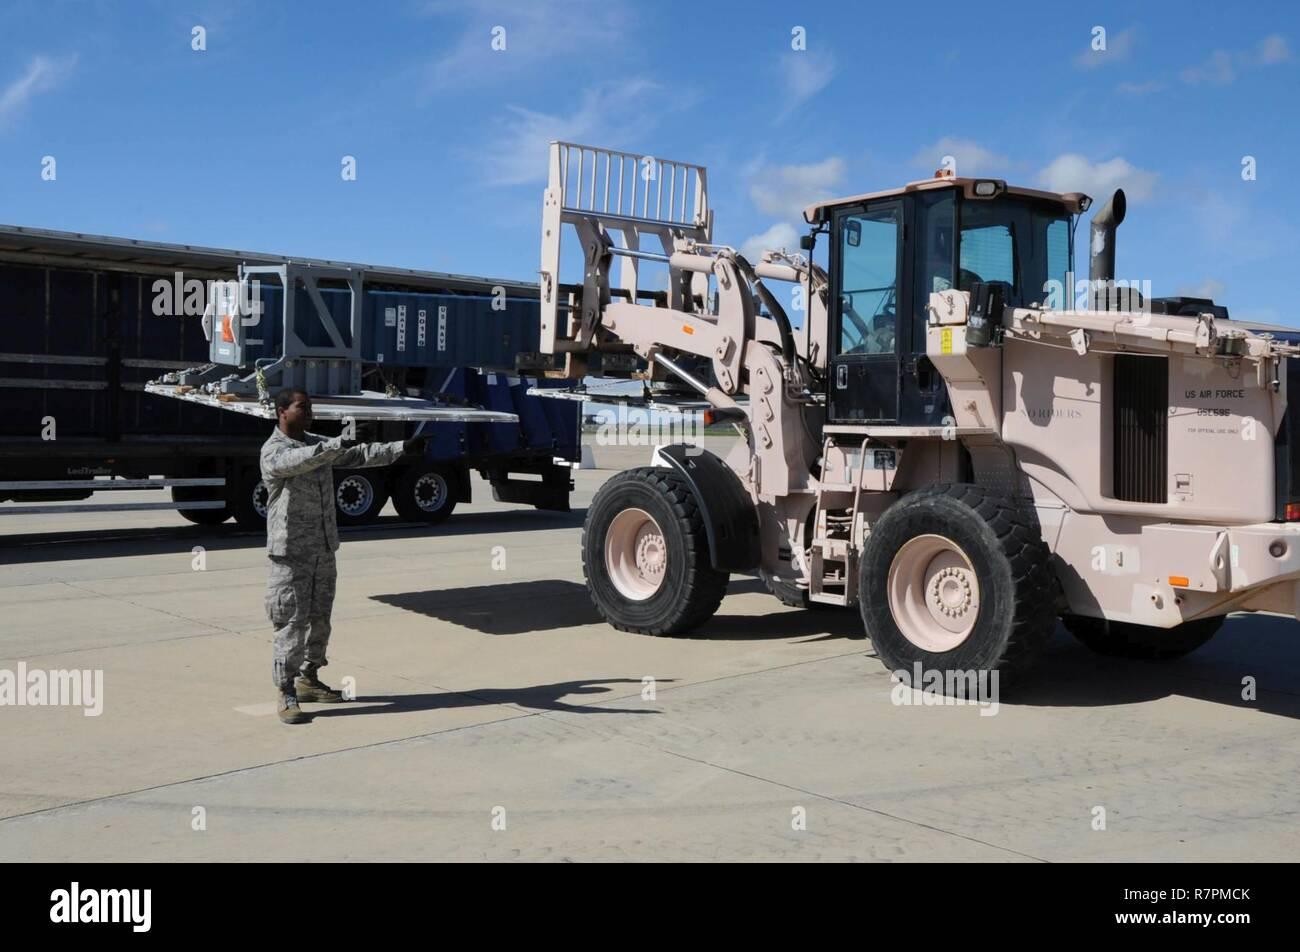 moron air base spain